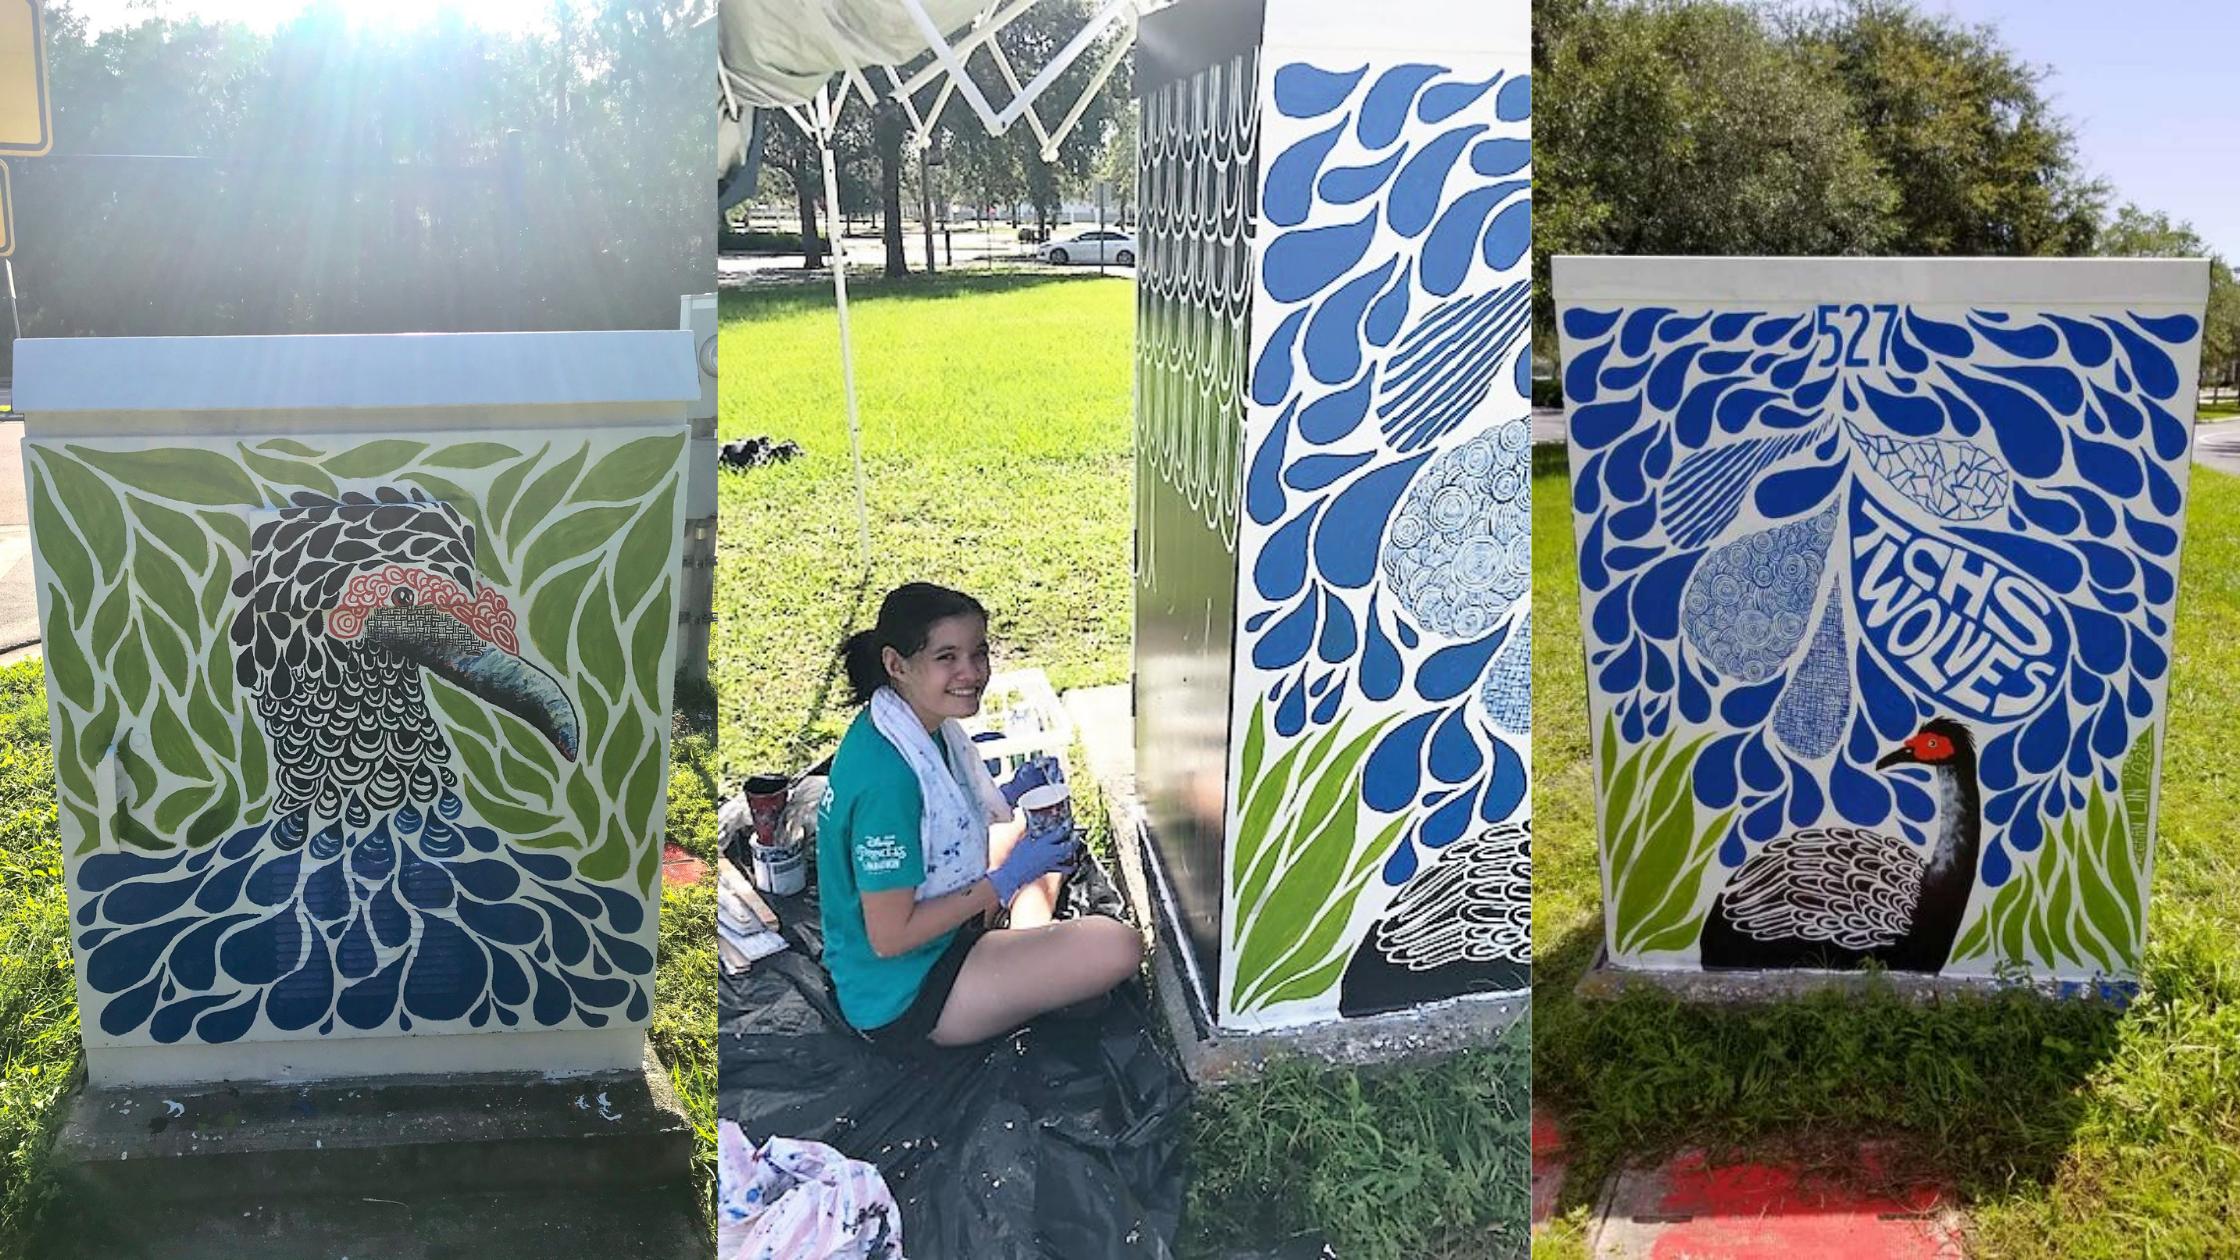 Collage de imágenes de la muchacha pintando hojas, agua y un pájaro en una casilla de tráfico.